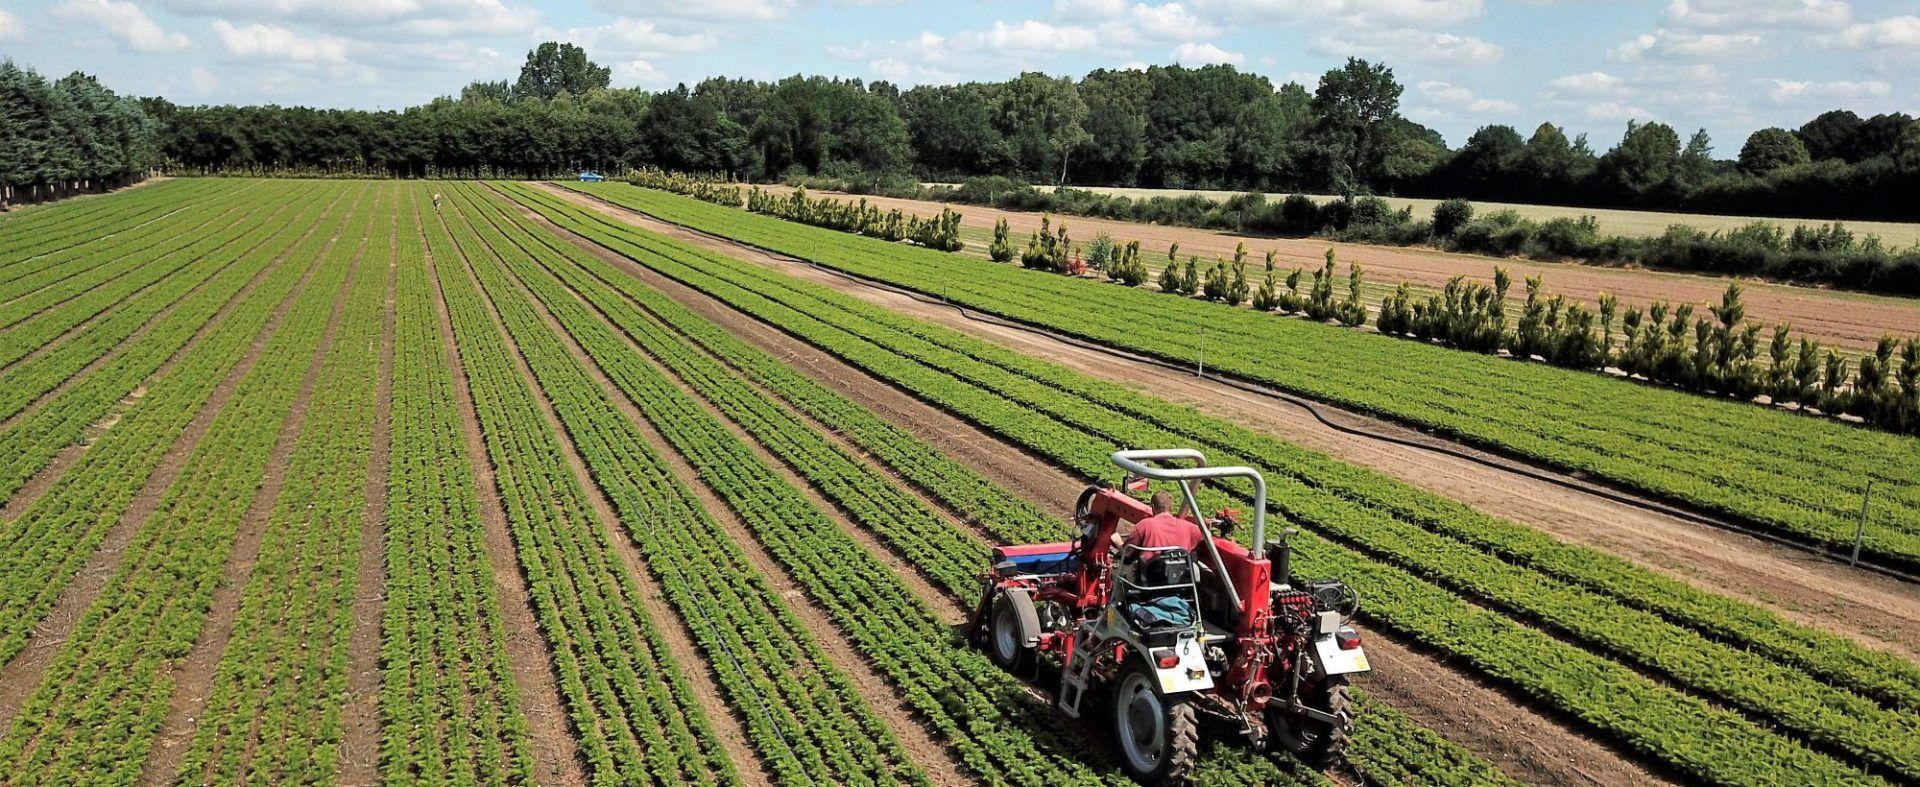 Die Baumschule Engler vermarktet jährlich mehr als 3 Millionen Jungpflanzen